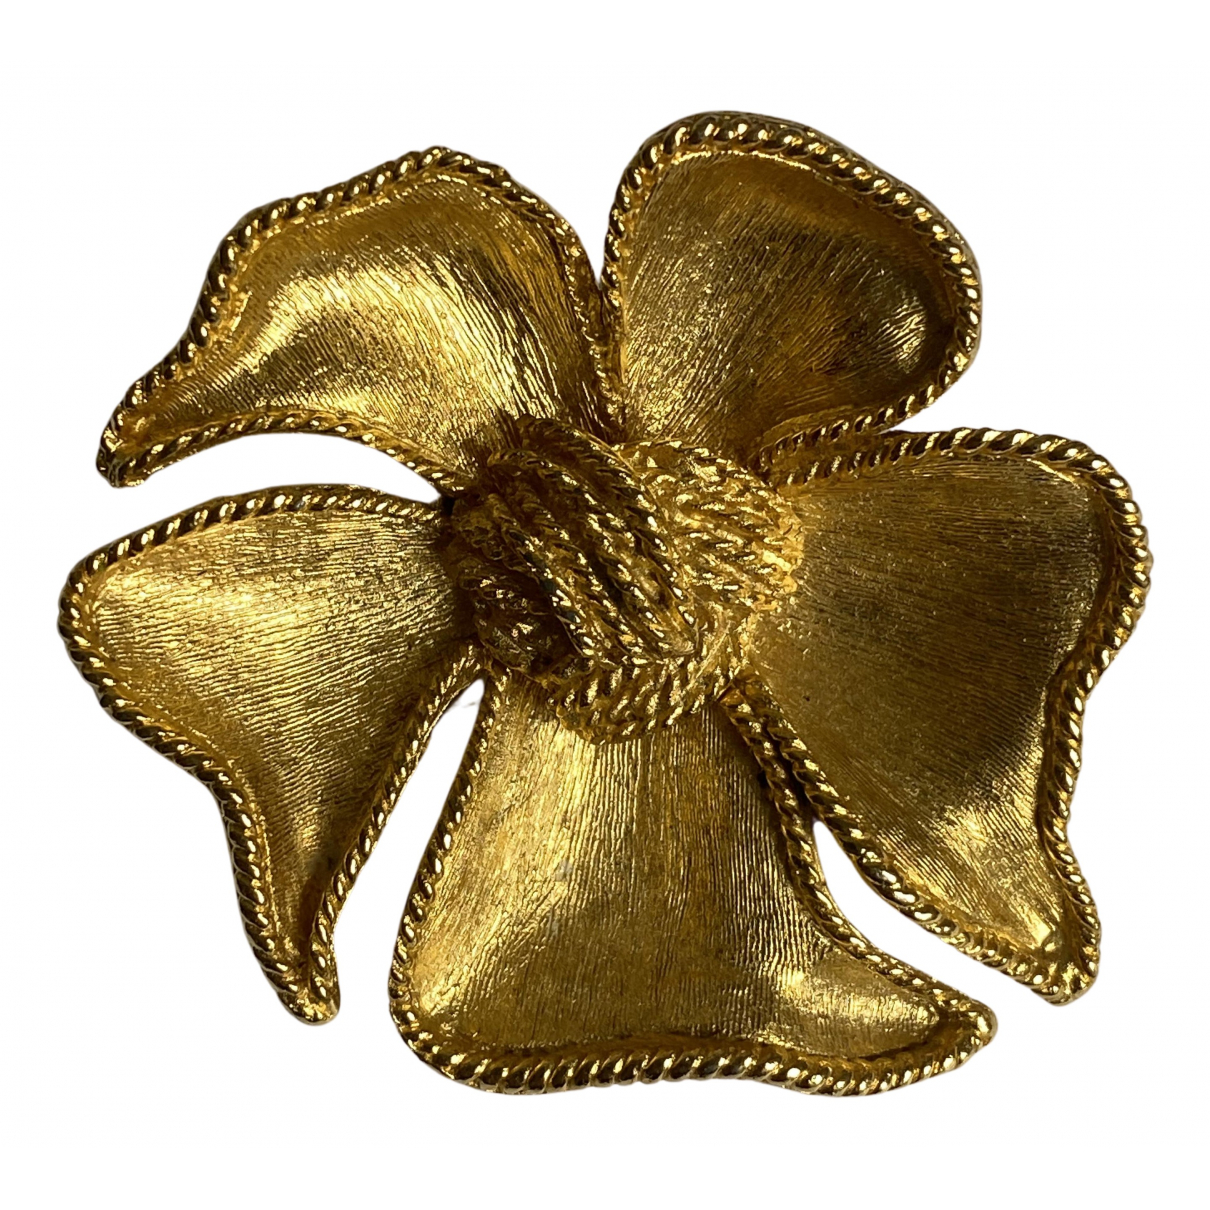 Broche Motifs Floraux en Chapado en oro Dorado Non Signe / Unsigned